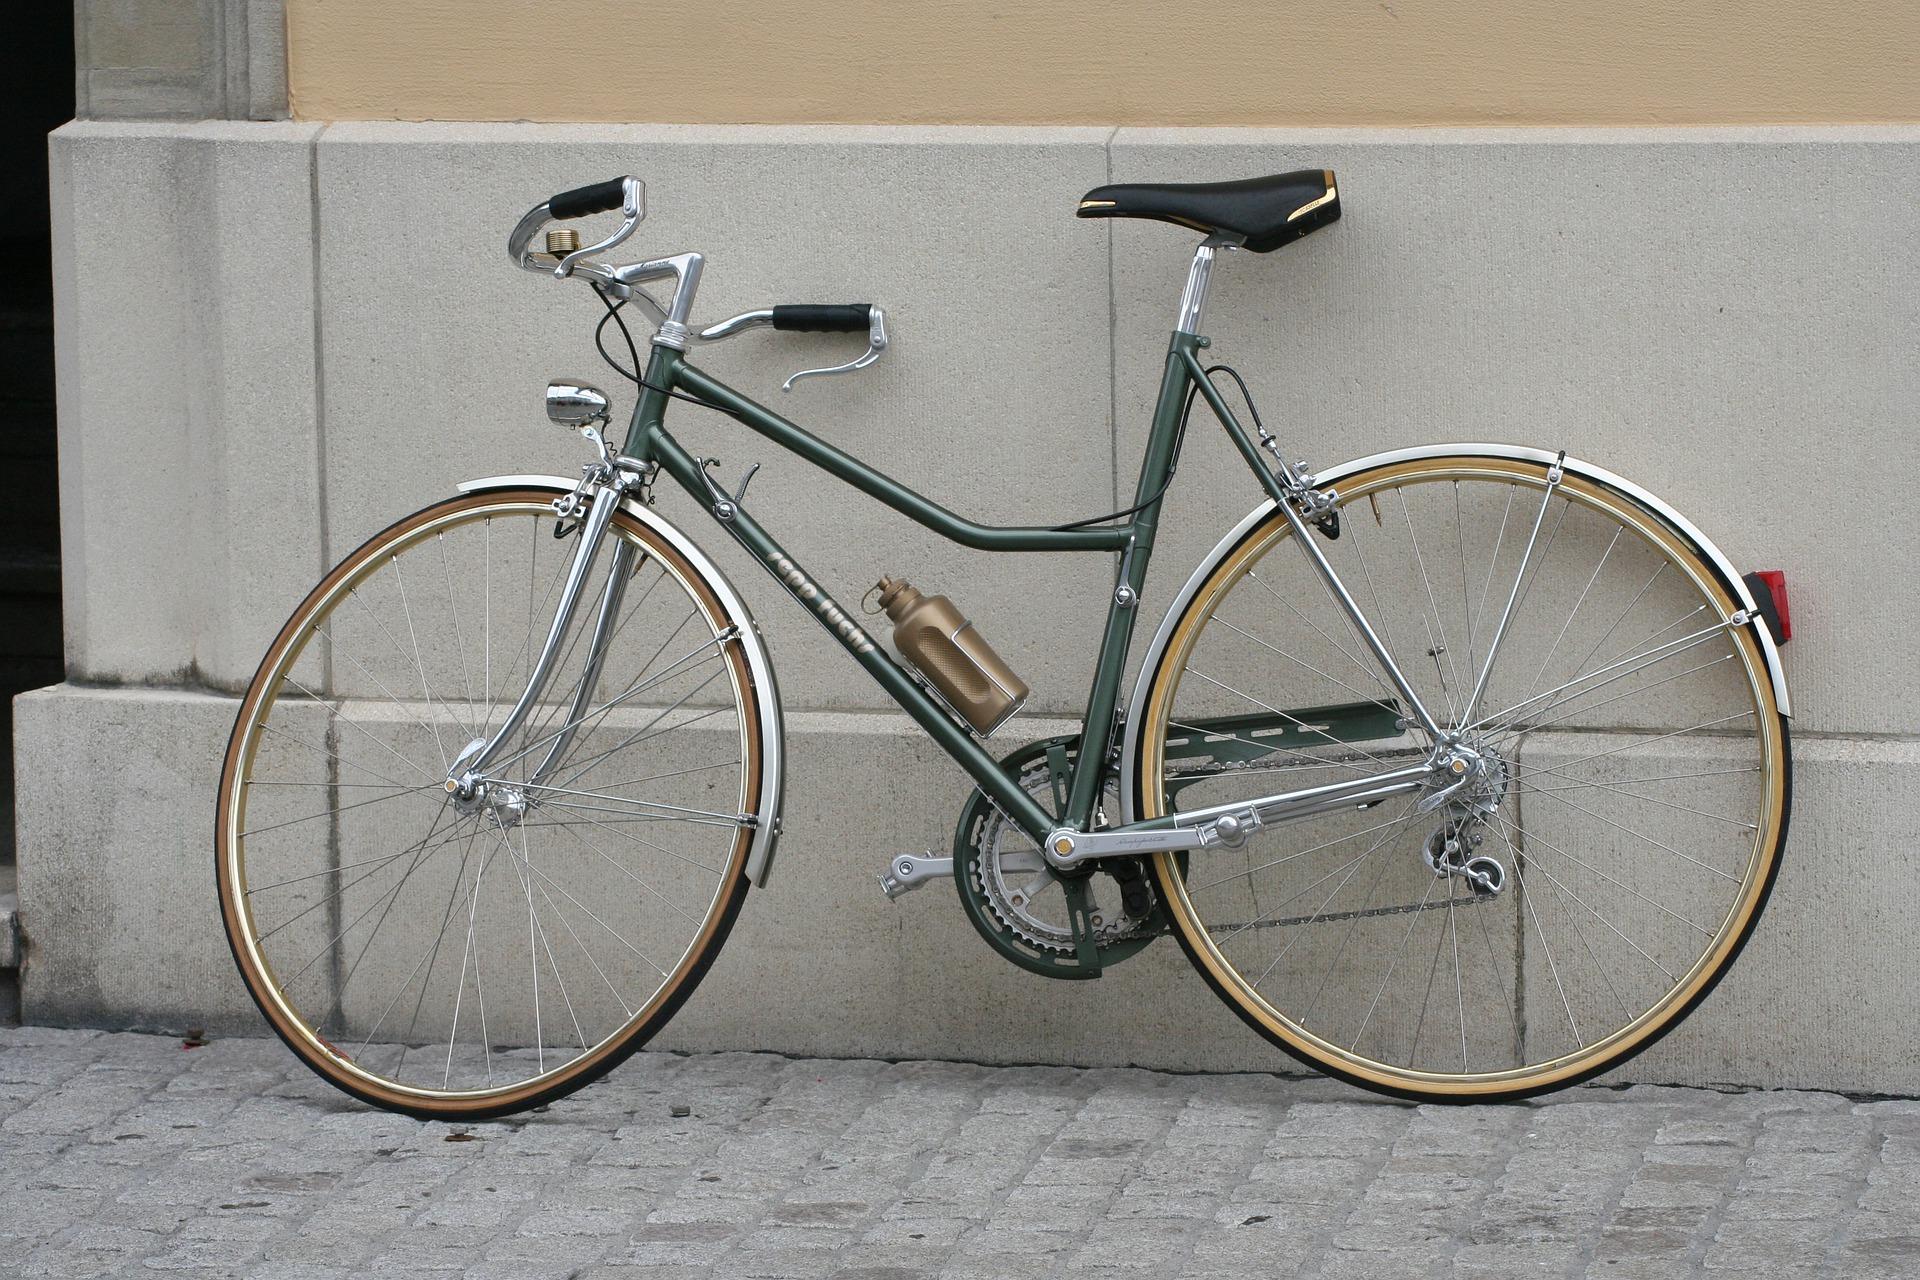 Fahrrad angelehnt an eine Wand